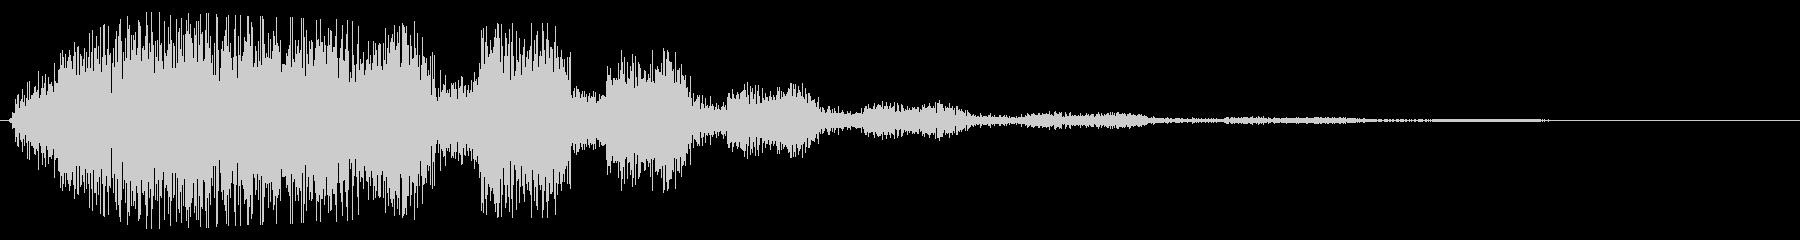 ブシュシュン(回転系音)の未再生の波形